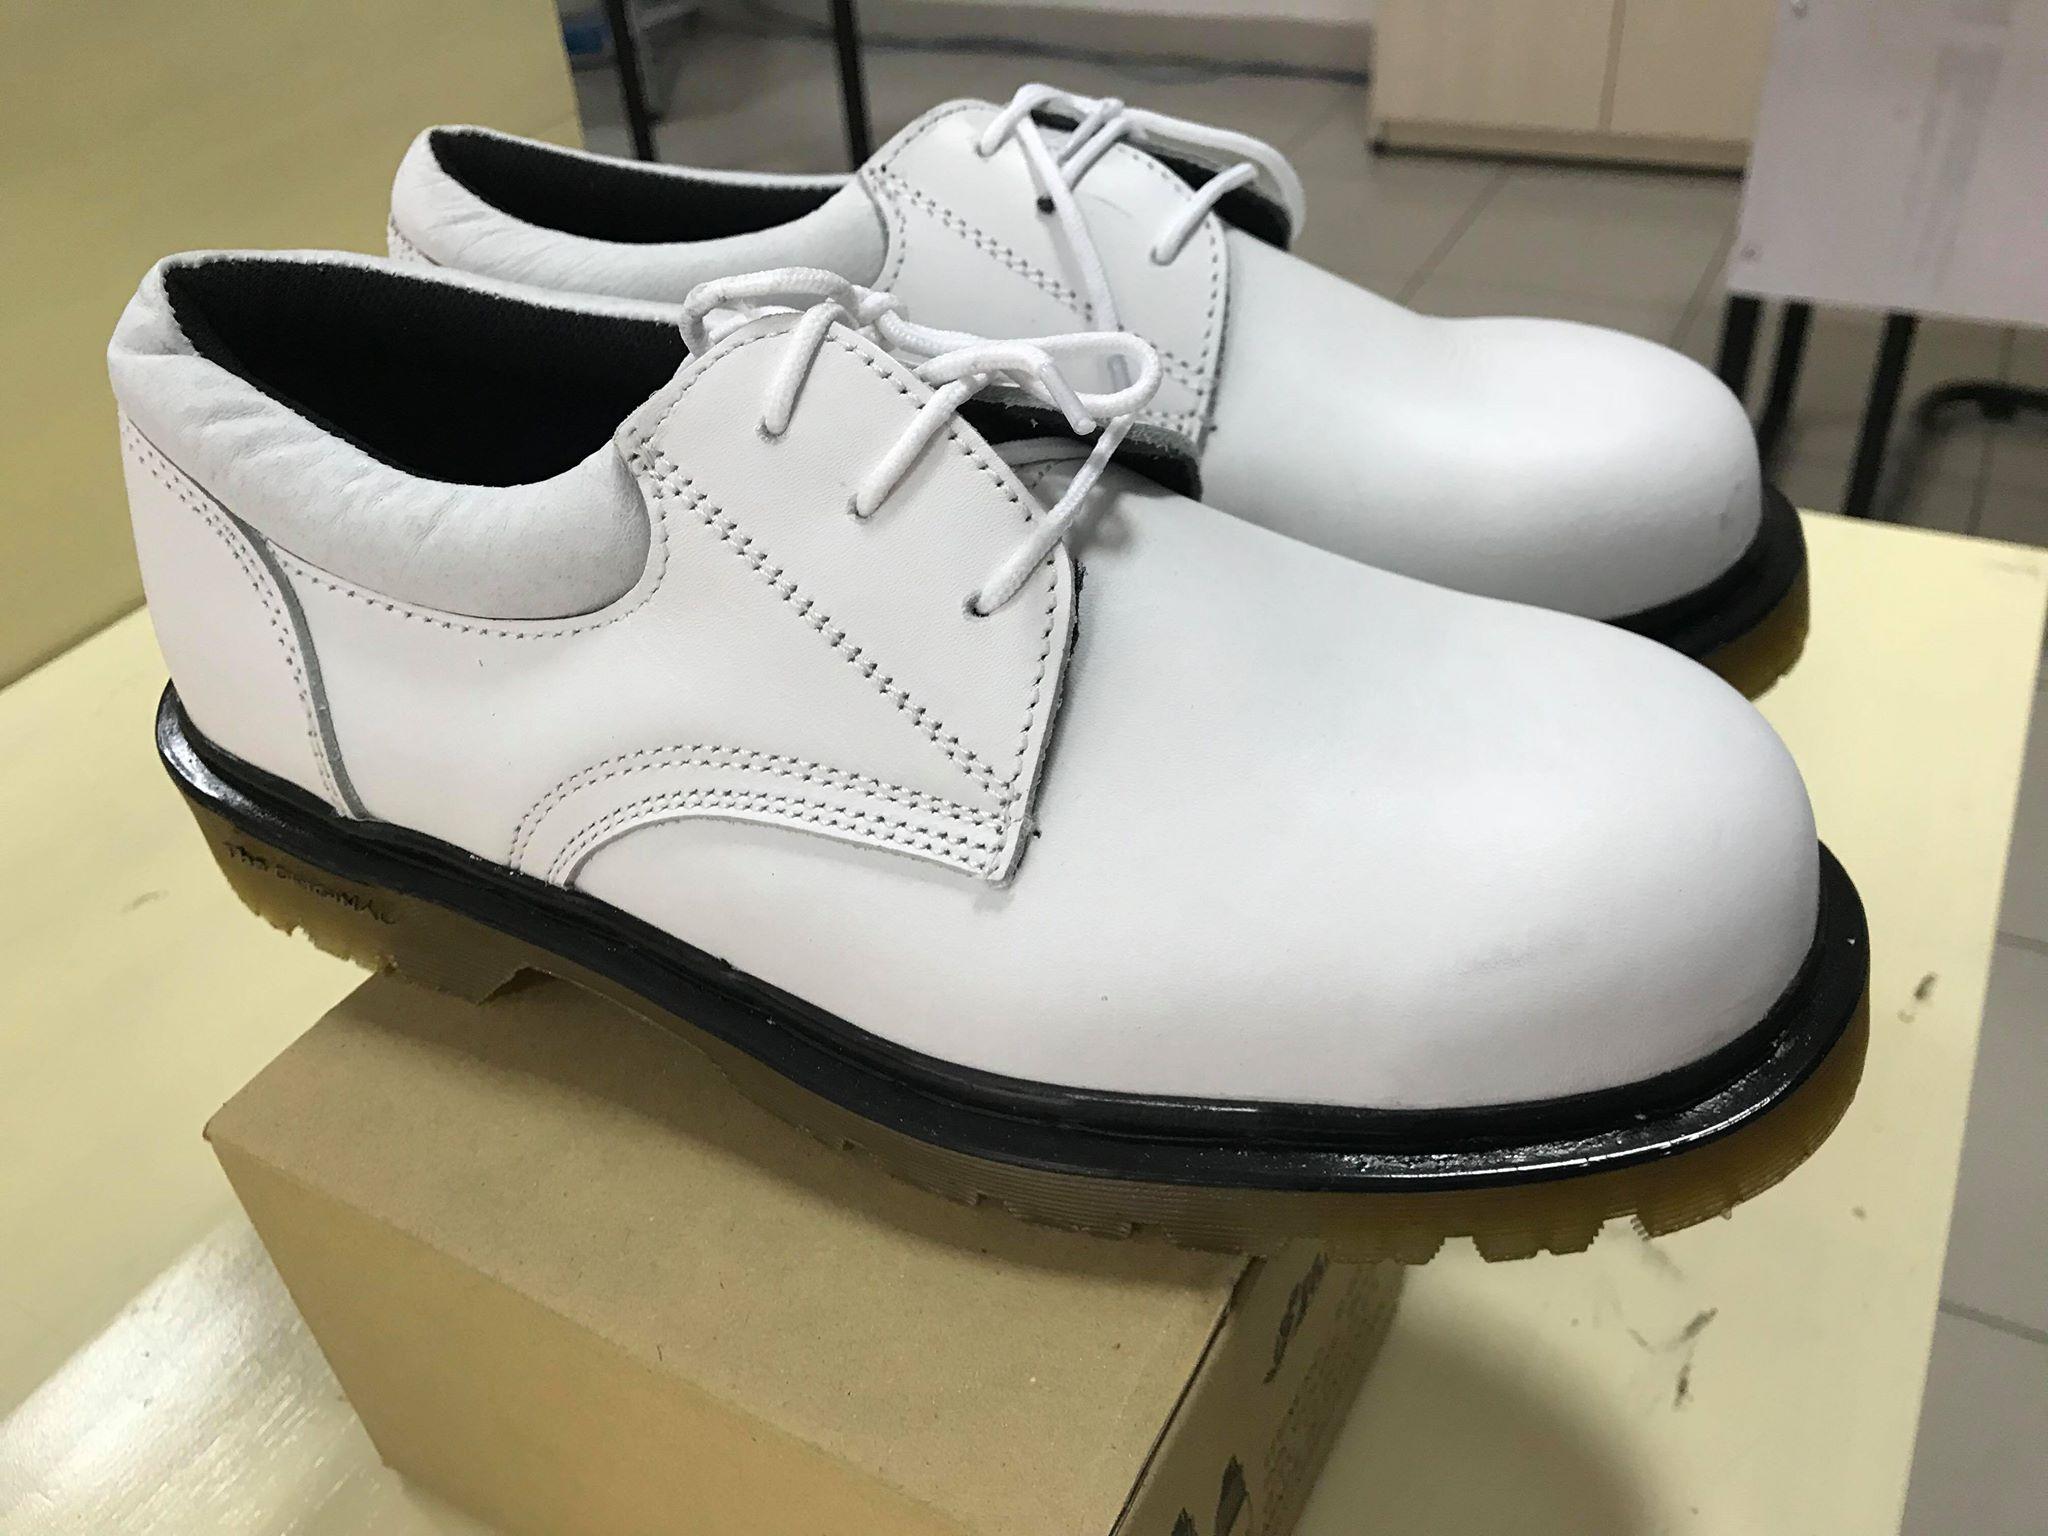 Giày bảo hộ lao động Xuân Lan trắng mũi sắt